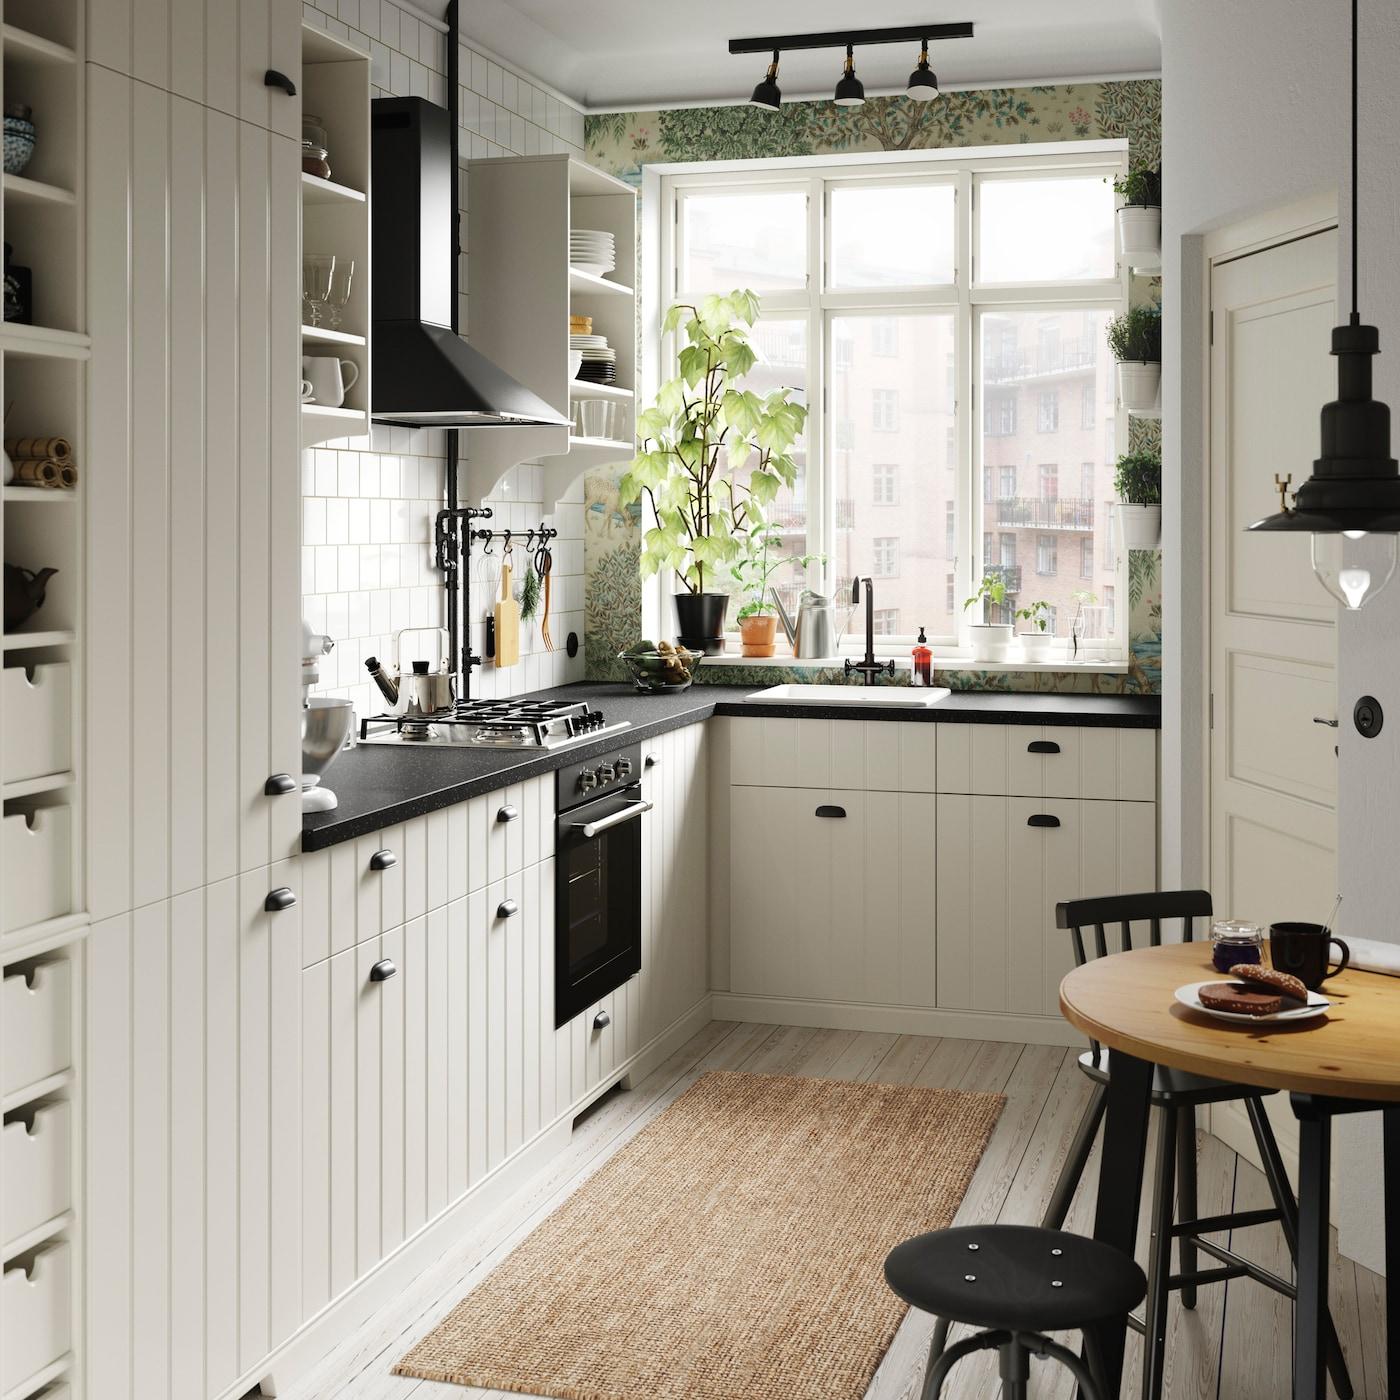 Anche se lo spazio è poco, puoi creare una cucina accogliente dallo stile country con le ante METOD HITTARP bianche, scanalate verticalmente, e i mobili a giorno e i portabottiglie TORNVIKEN color bianco sporco – IKEA